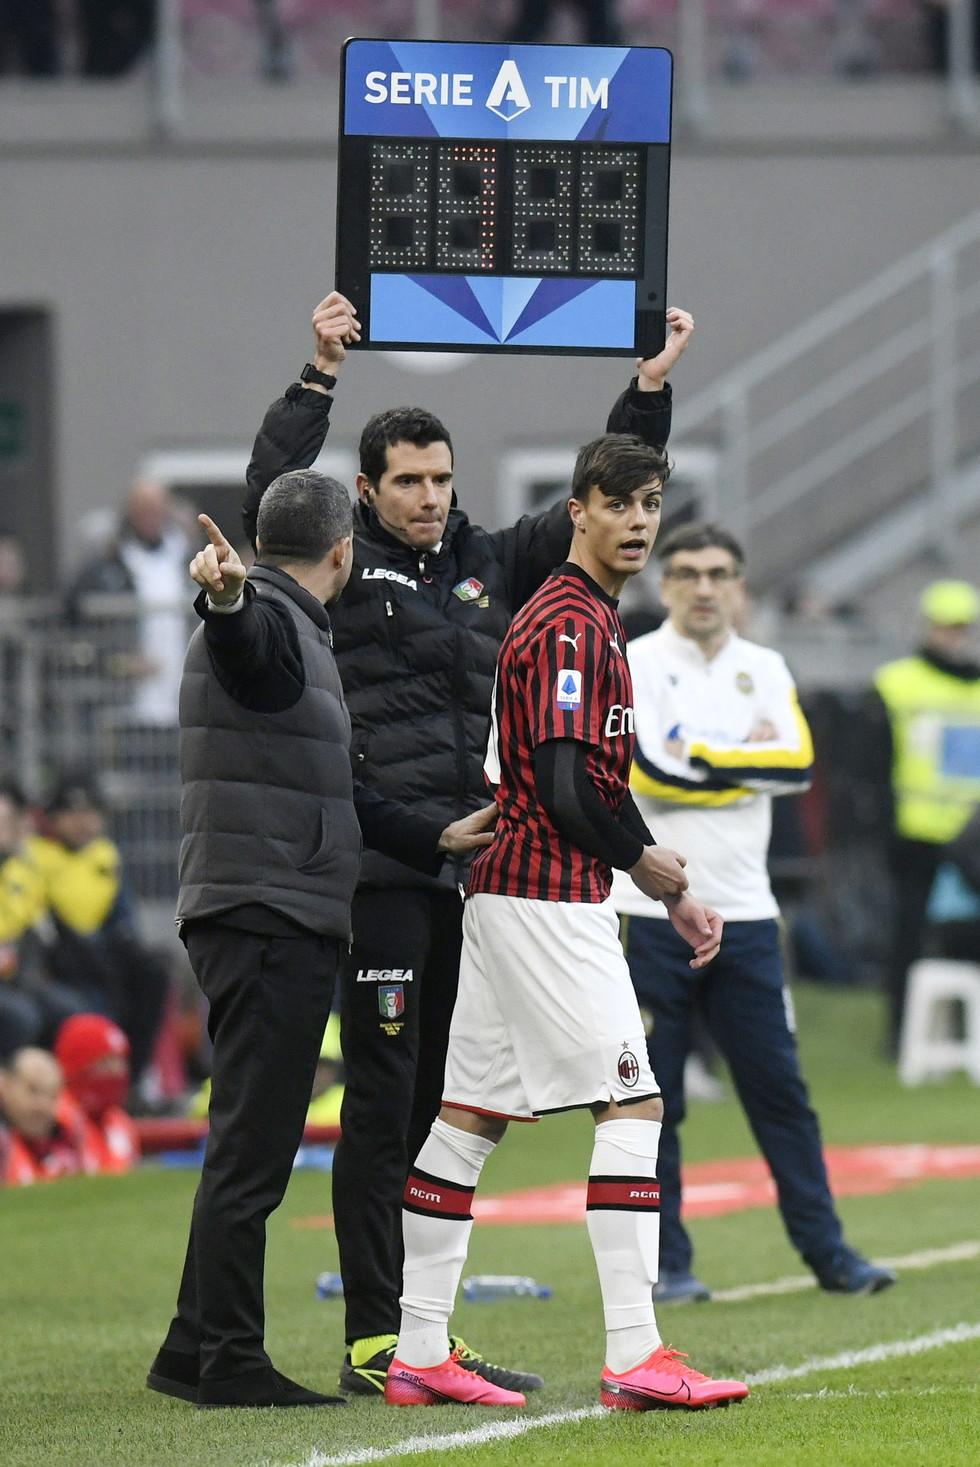 Daniel, figlio di Paolo, ha debuttato in Serie A contro il Verona.